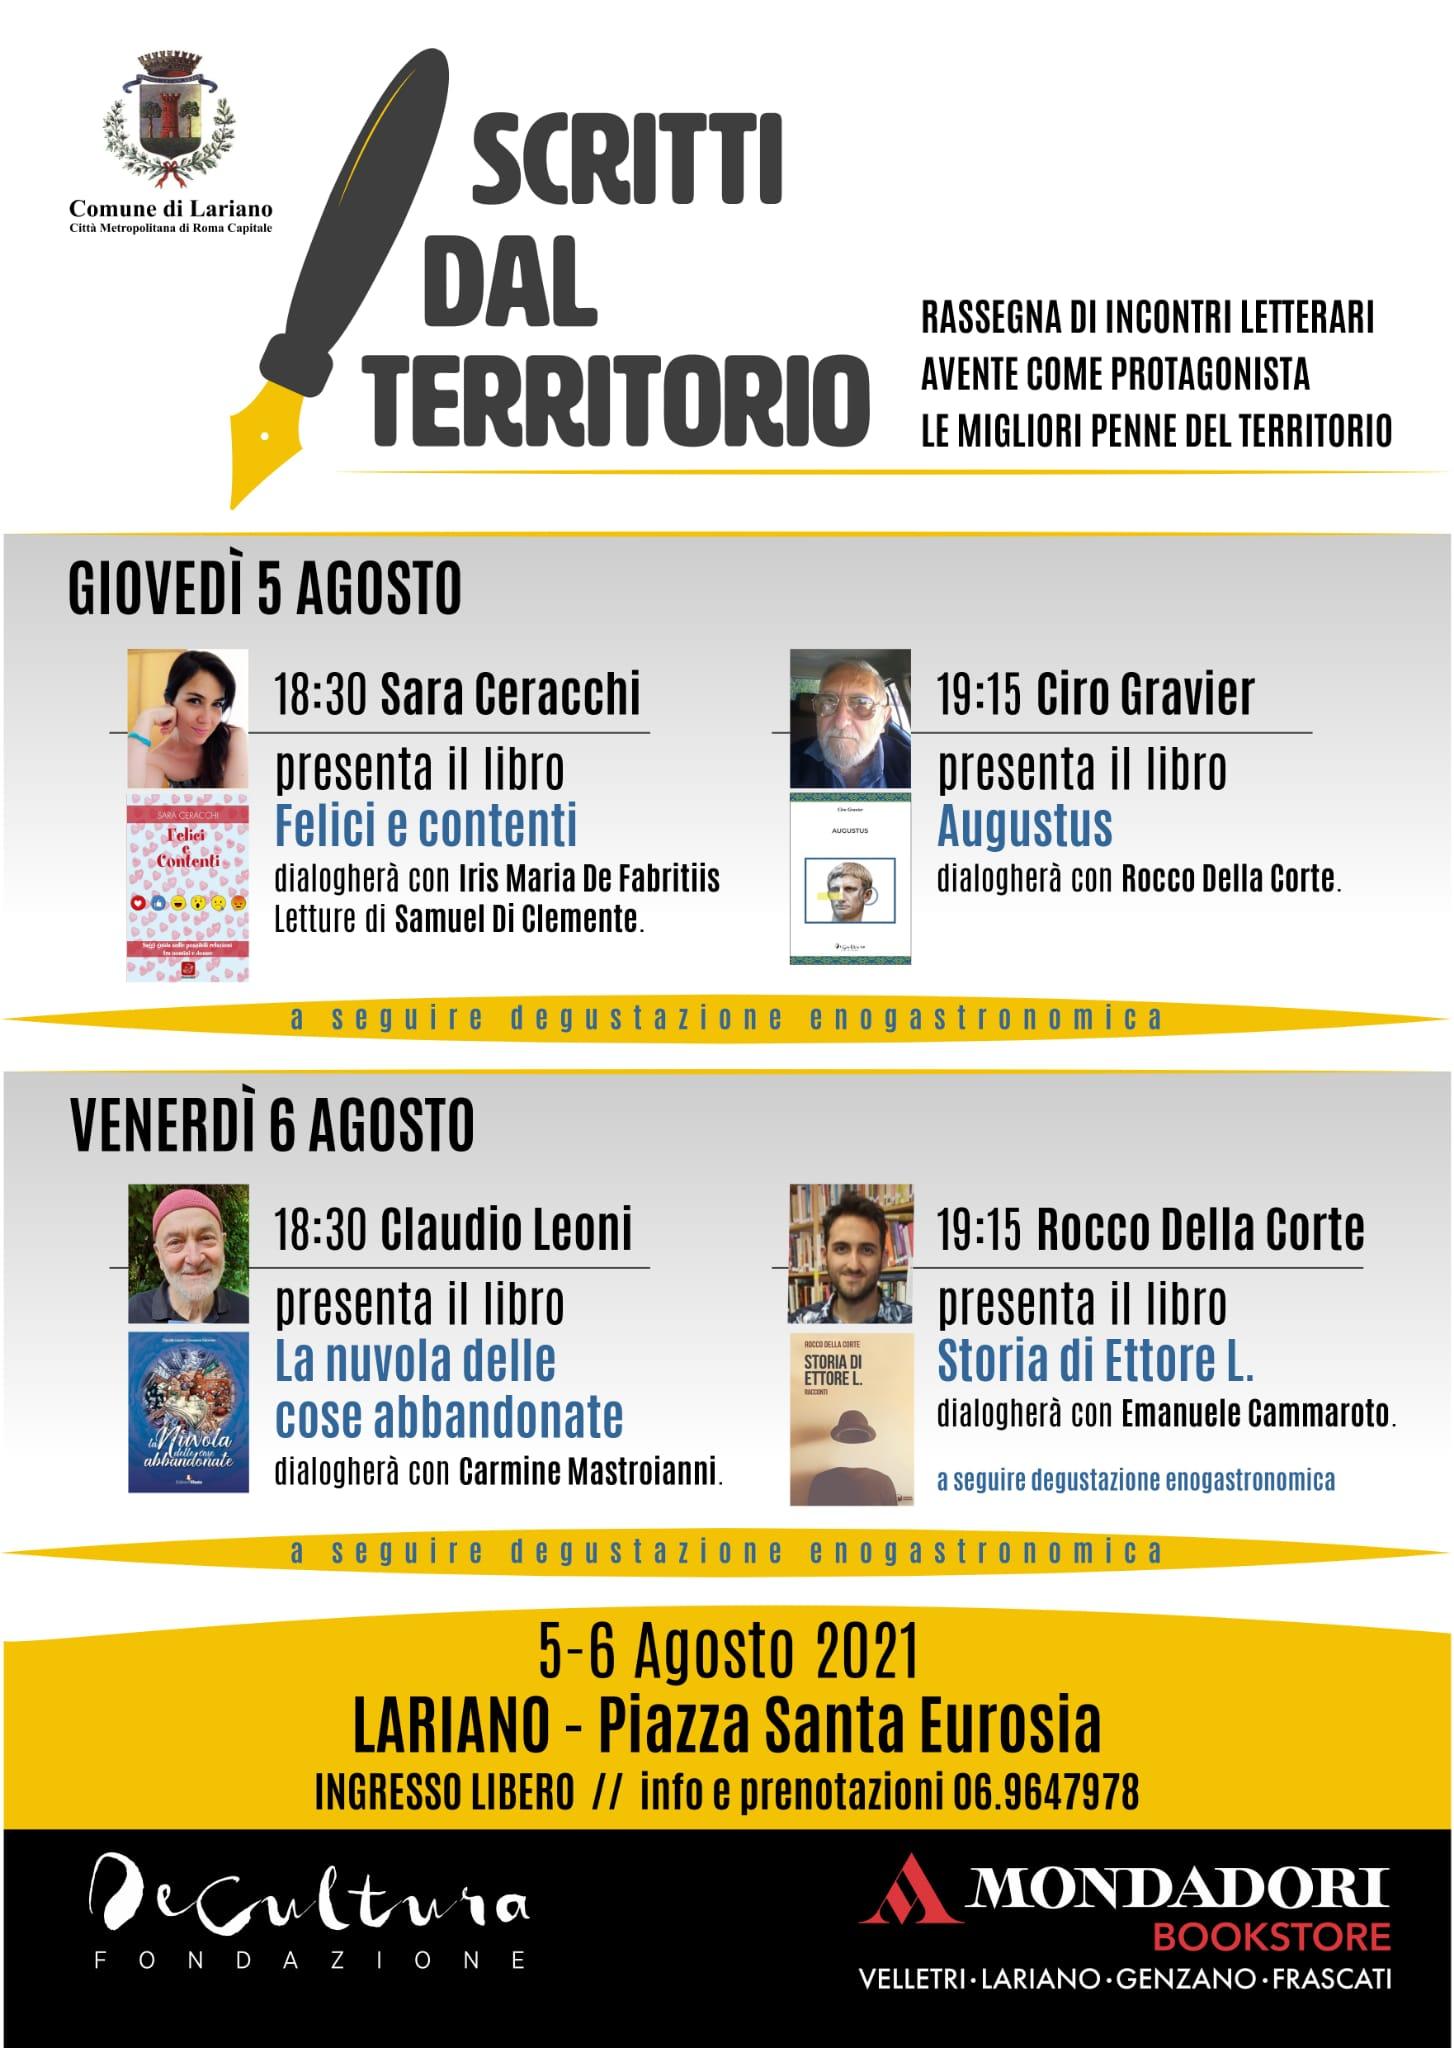 """Lariano, """"Scritti dal territorio"""", rassegna letteraria: due giorni di eventi in Piazza Sant'Eurosia"""